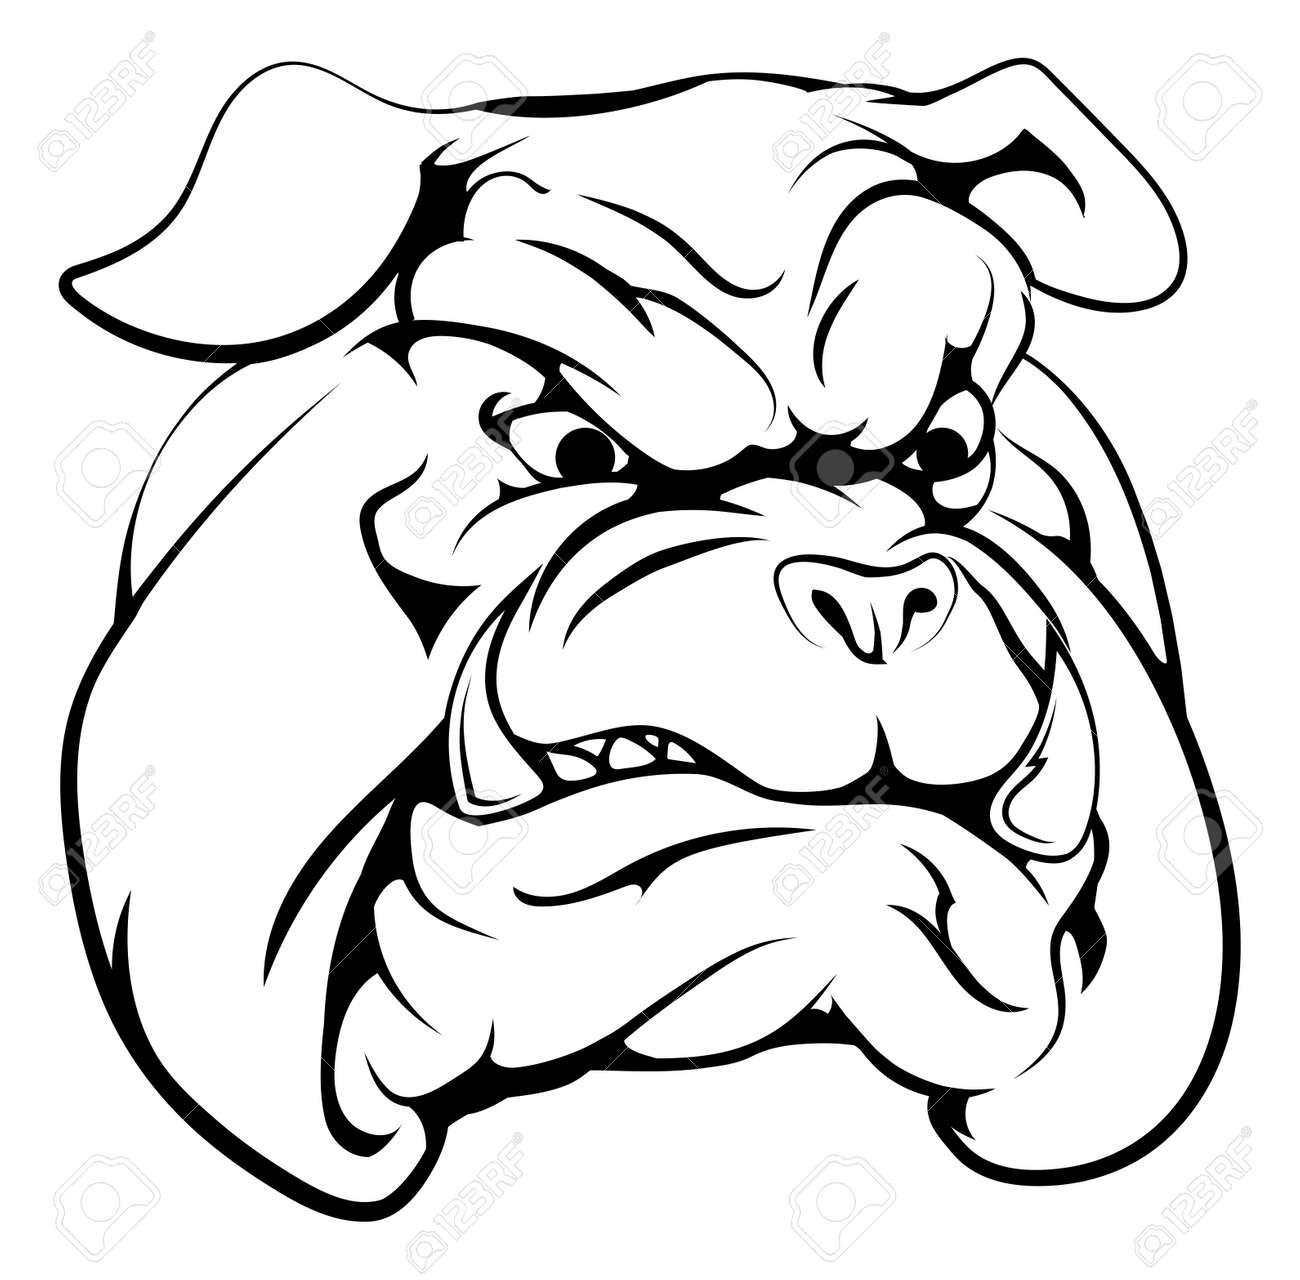 11 198 bulldog stock vector illustration and royalty free bulldog rh 123rf com free printable bulldog clipart free bulldog clipart images